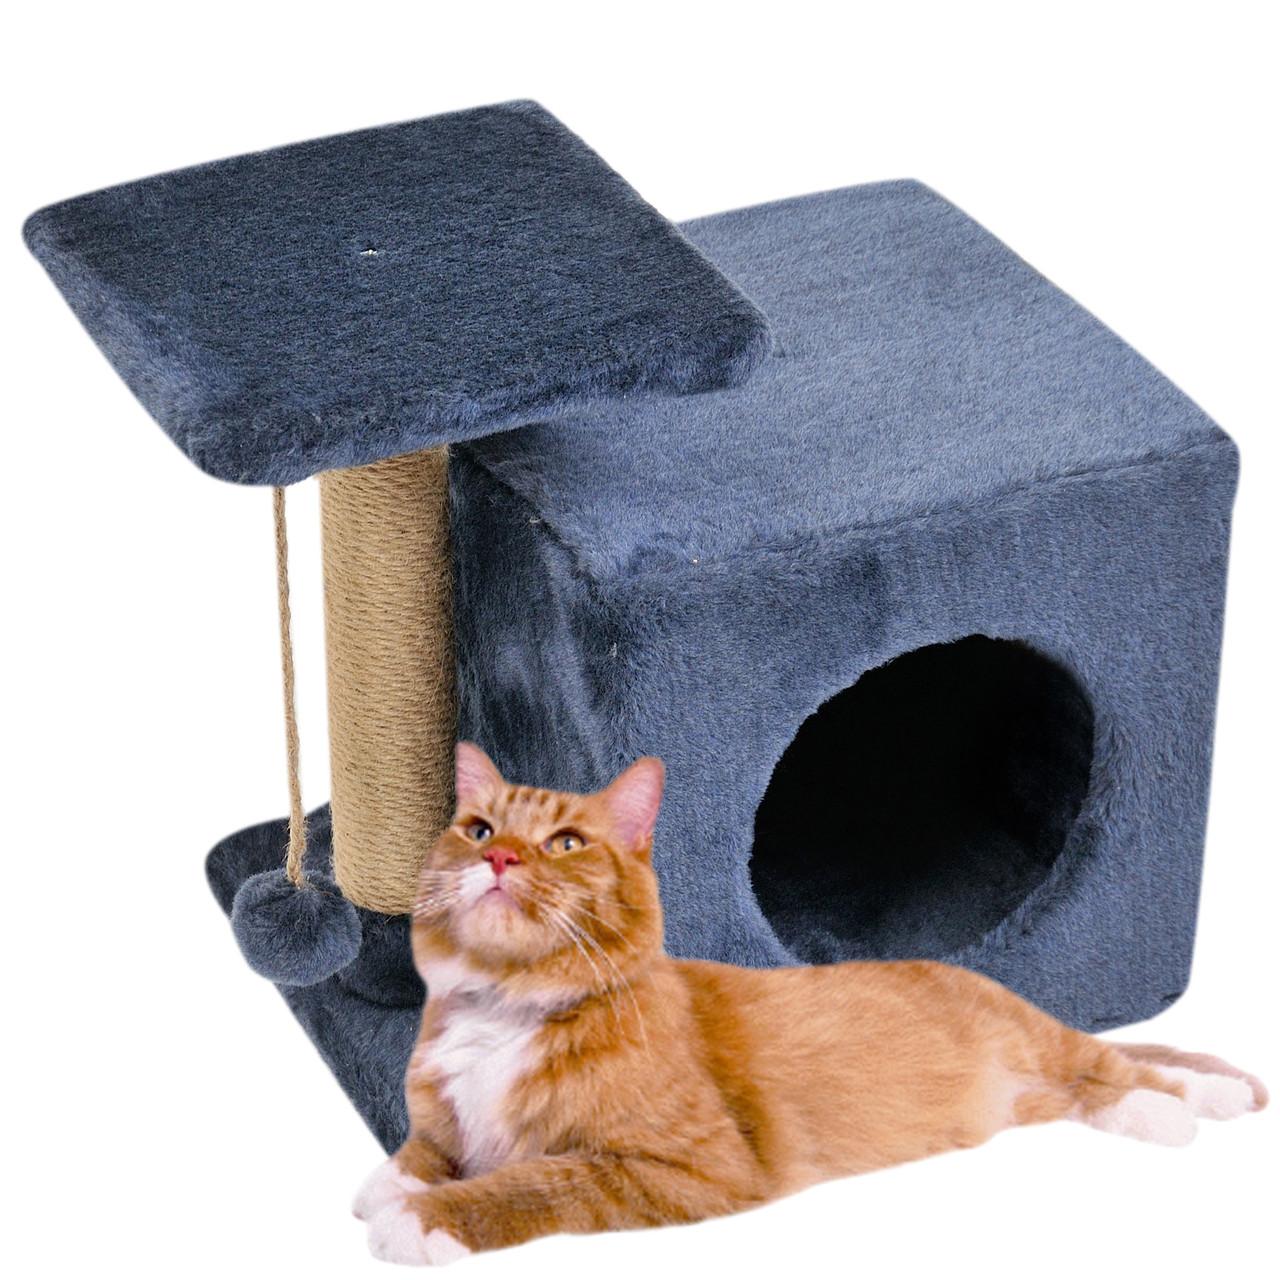 Домик-когтеточка с полкой Милана 43х33х45 см (дряпка) для кошки Синий